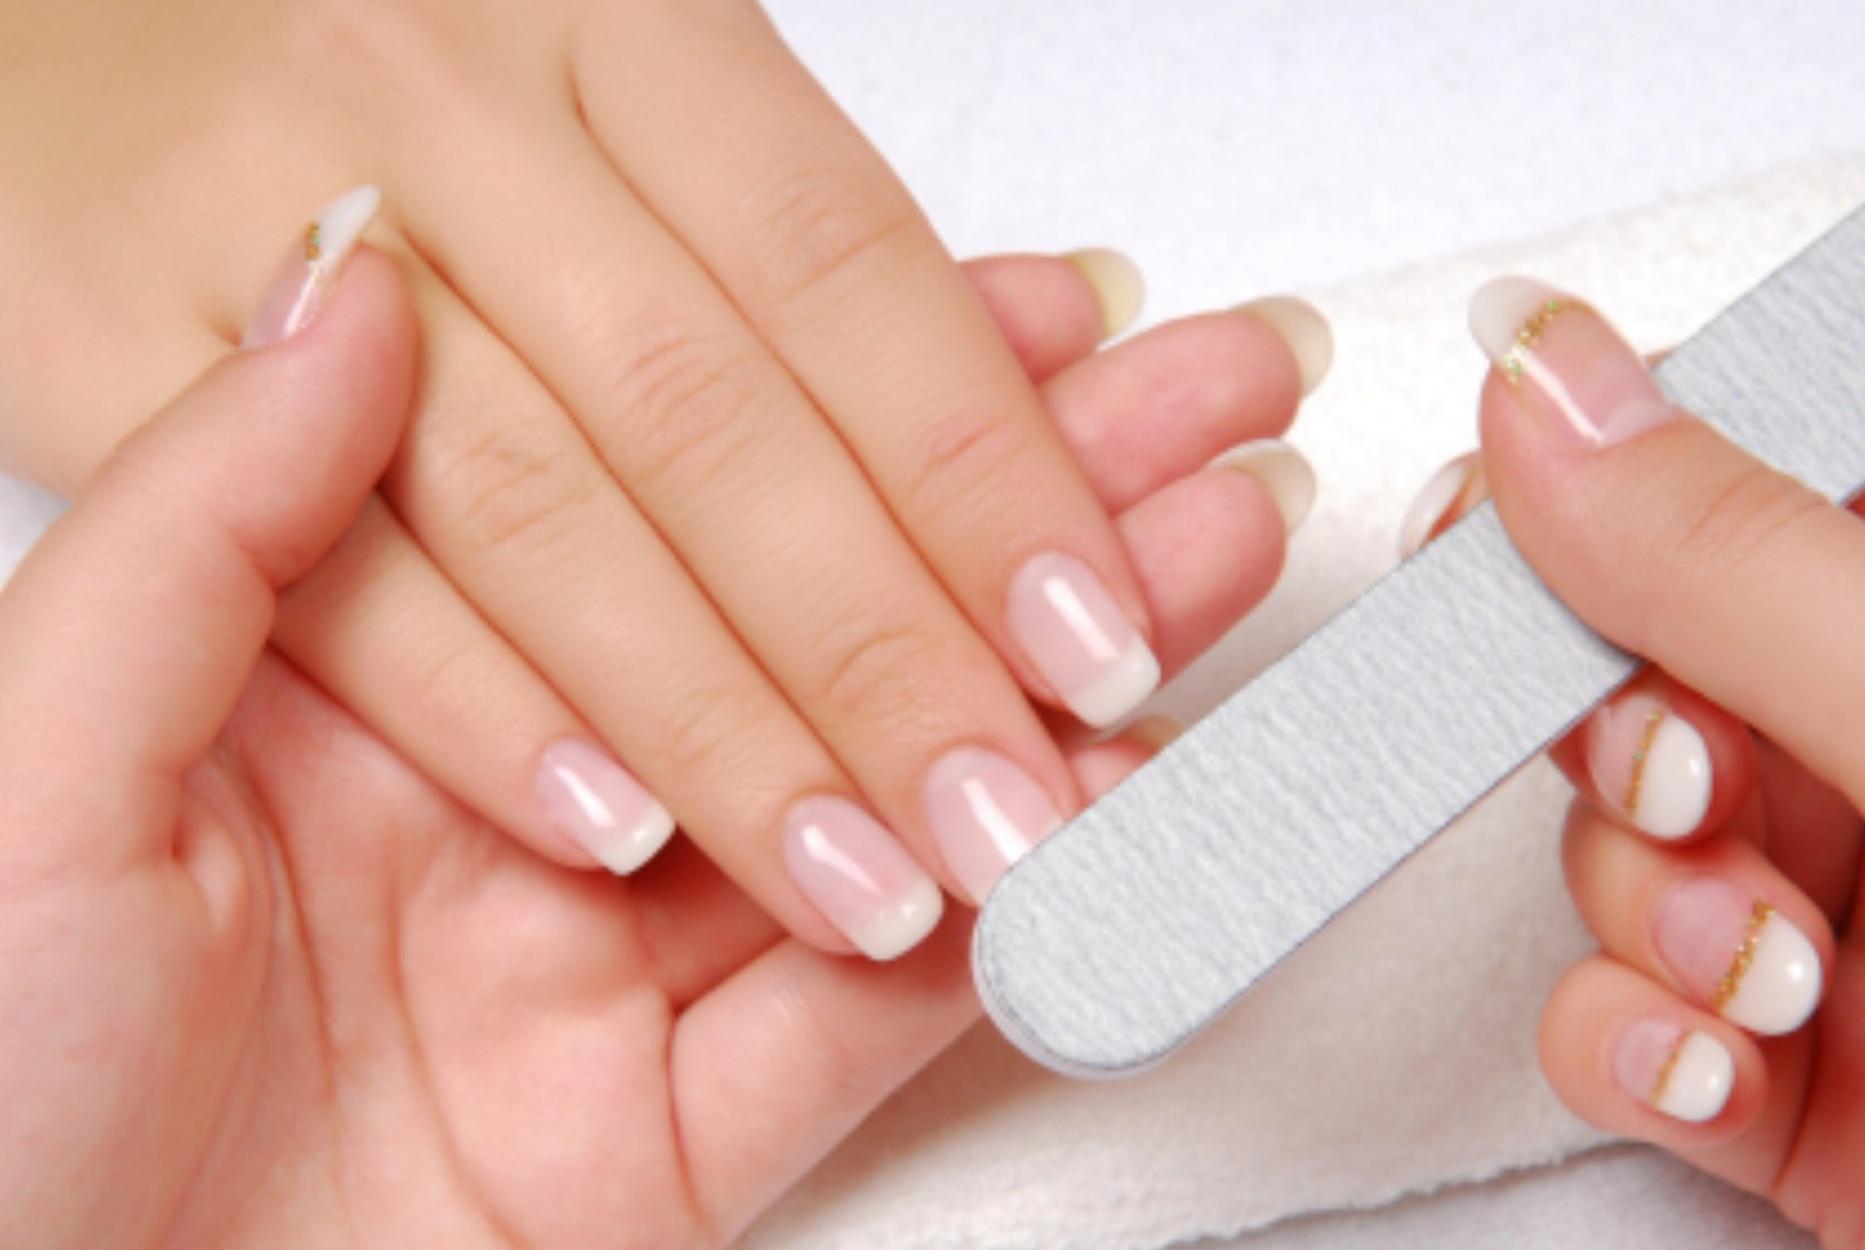 Как покрыть ногти гель-лаком в домашних условия (подробное описание)